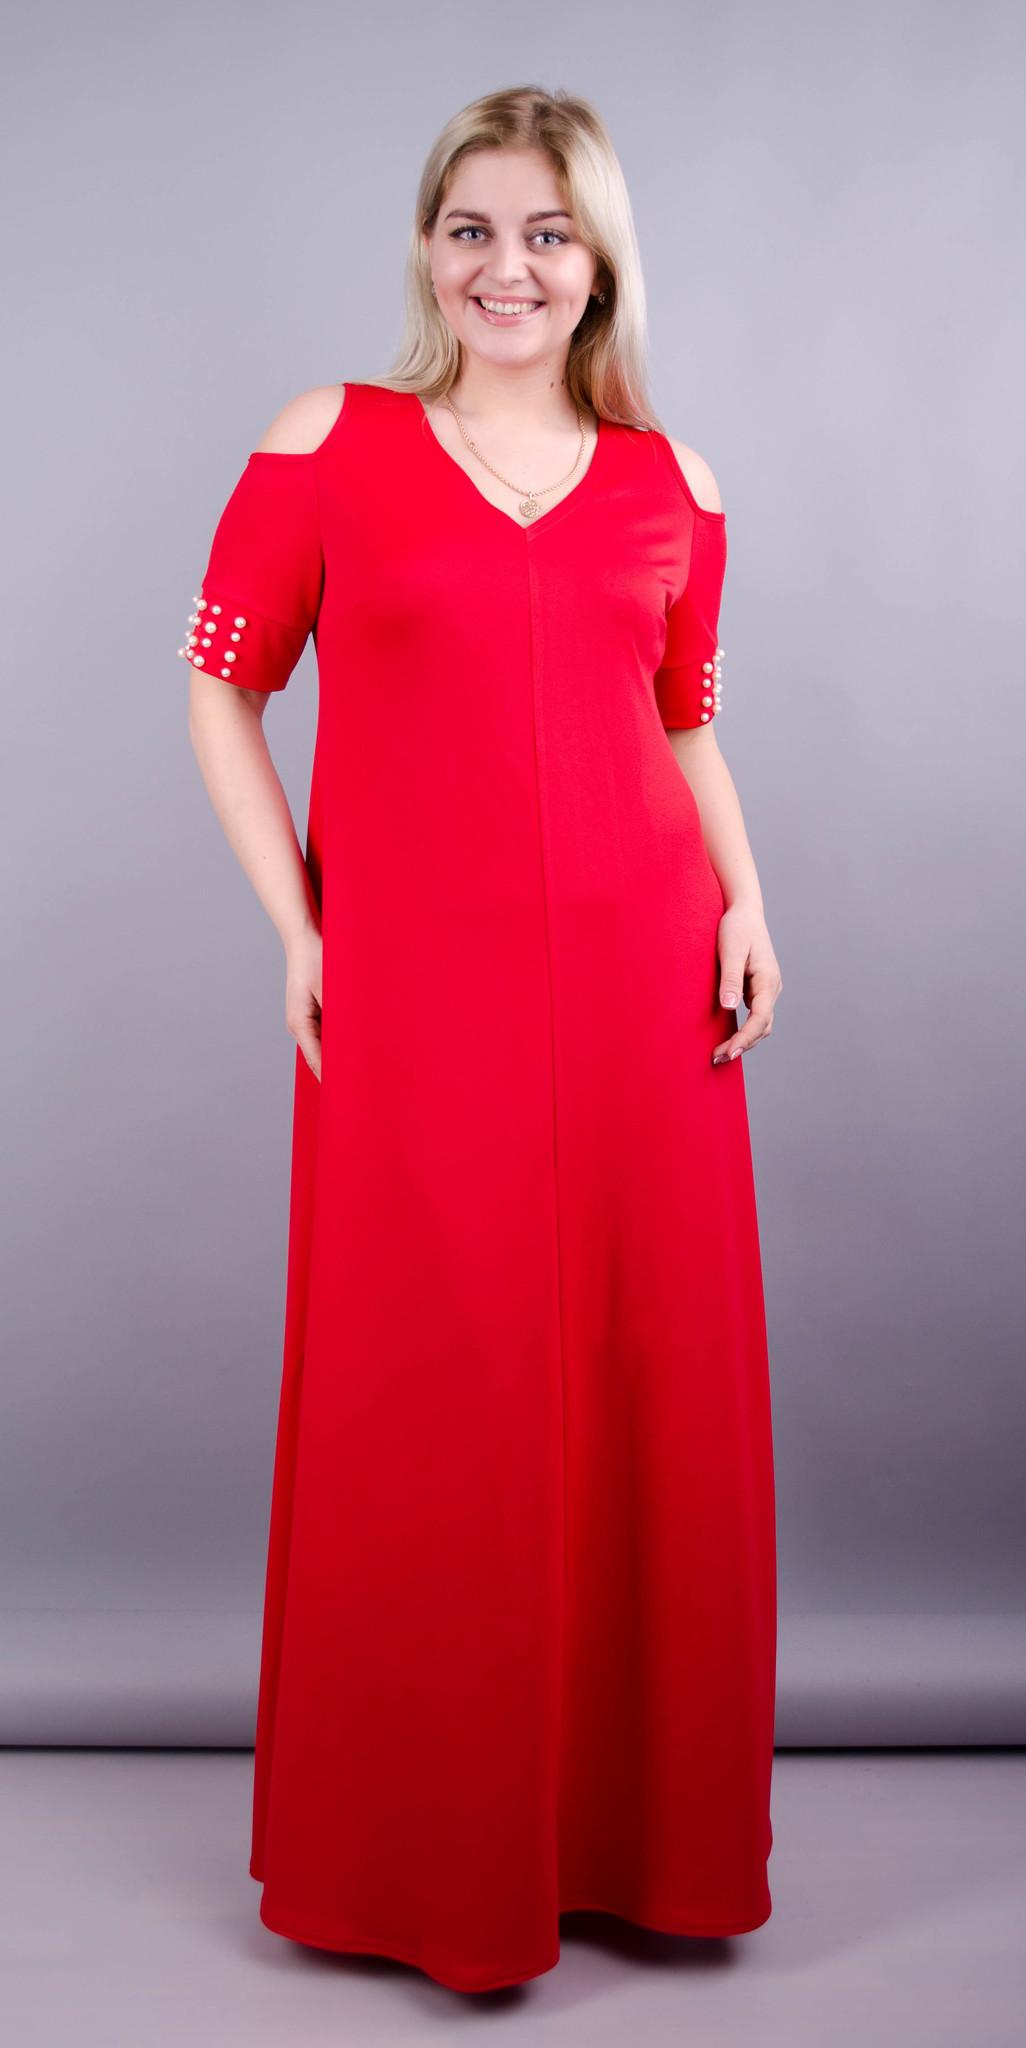 Дюшес. Вечірня сукня плюс сайз. Червоний.